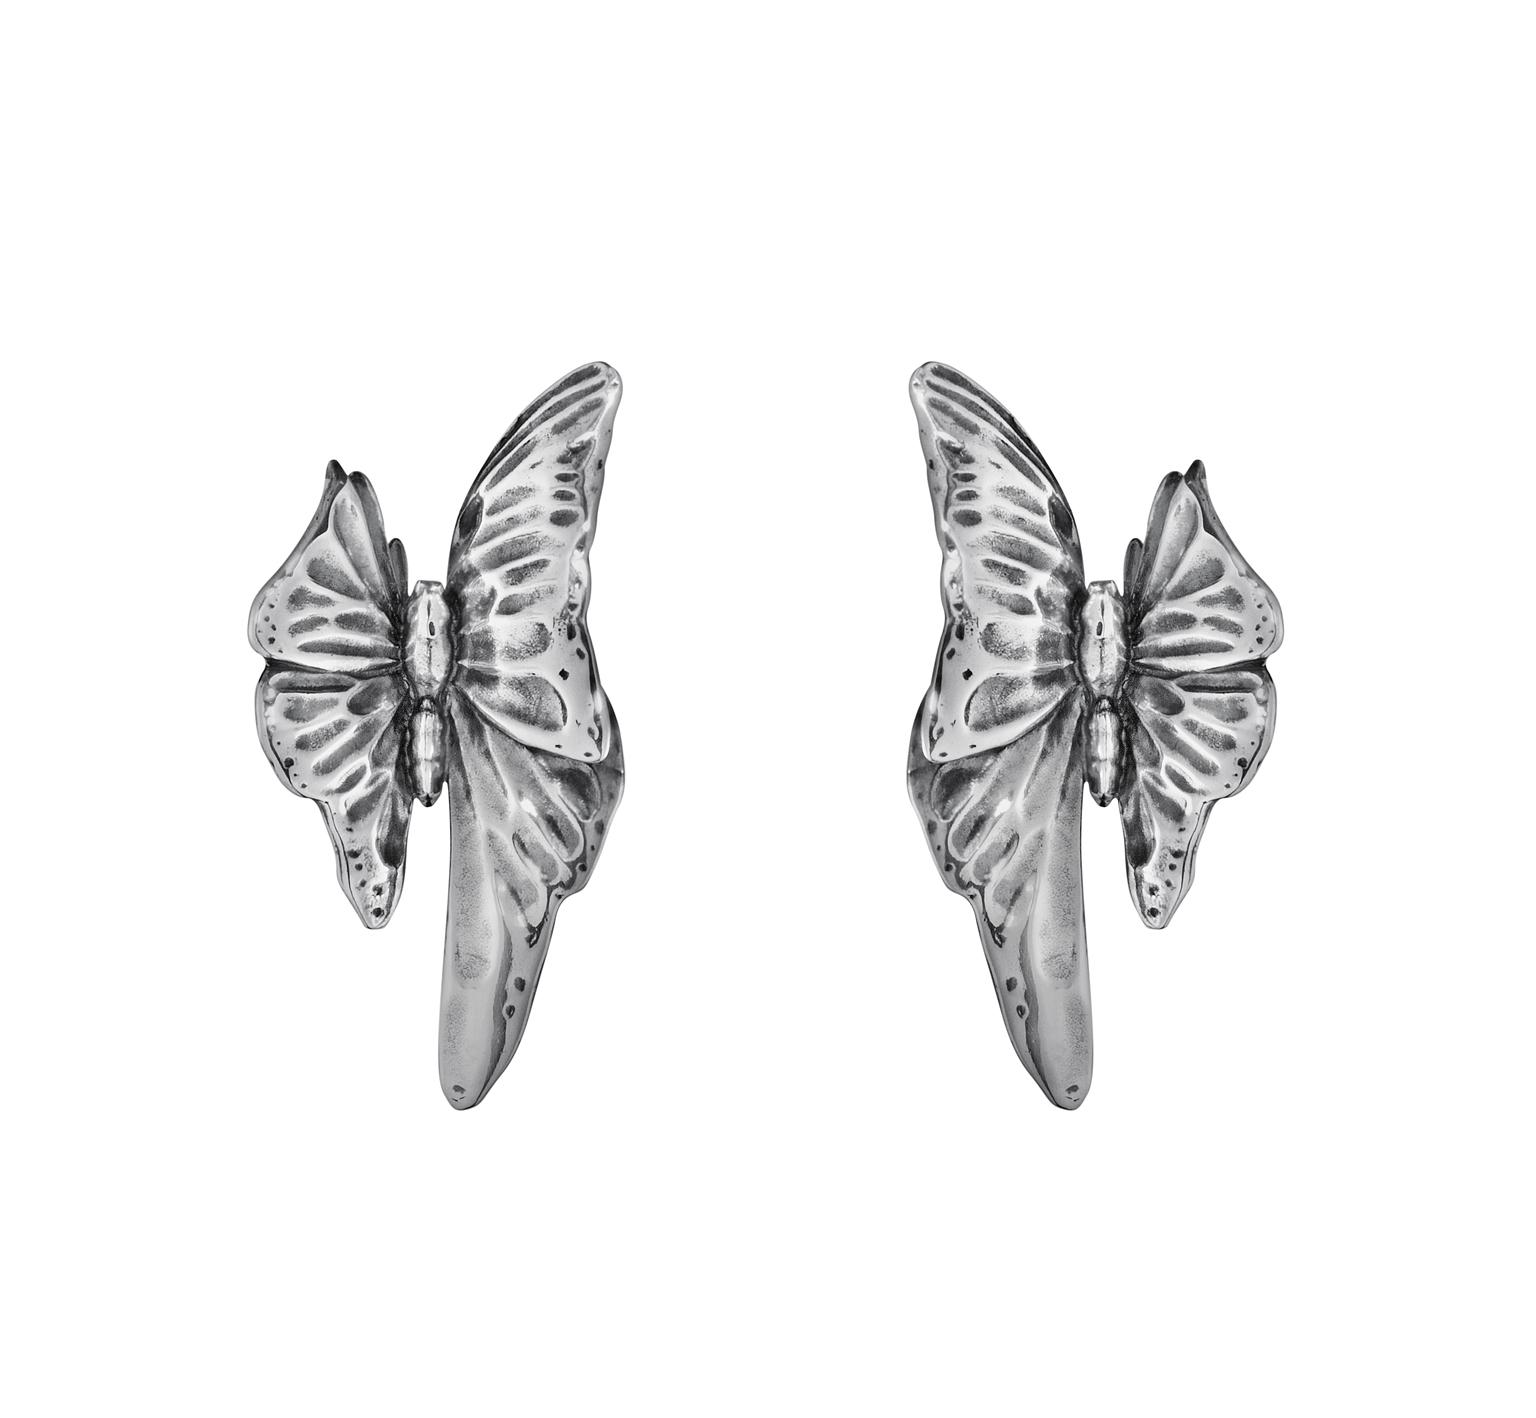 ASKILL 耳環 - 氧化純銀建議售價$9,500